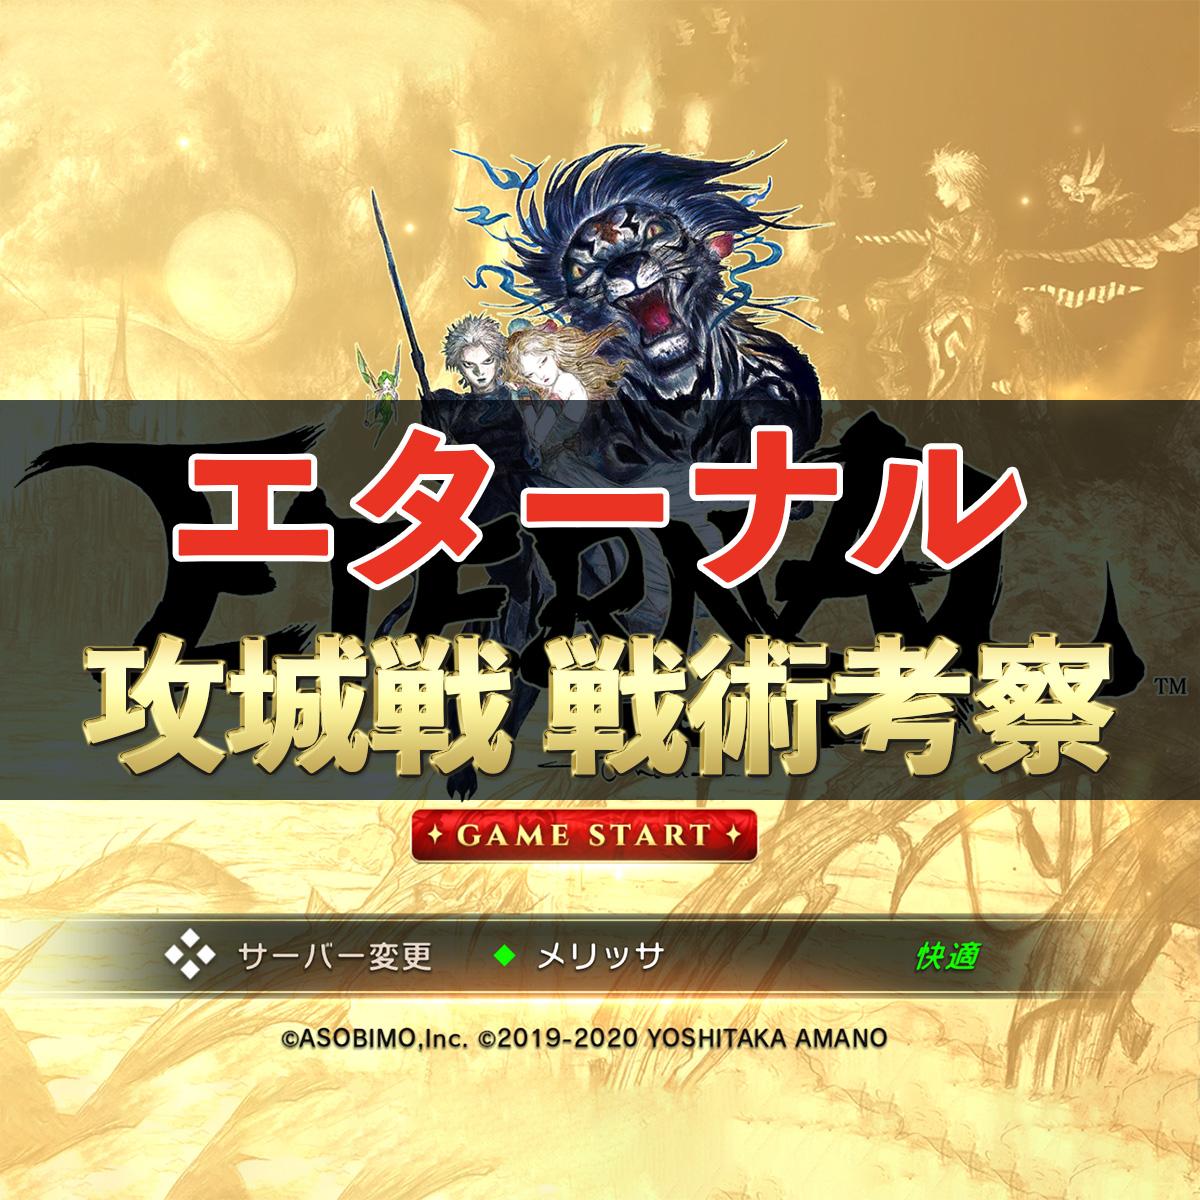 【エターナル】過去の攻城戦から学ぶ 攻城戦戦術考察!